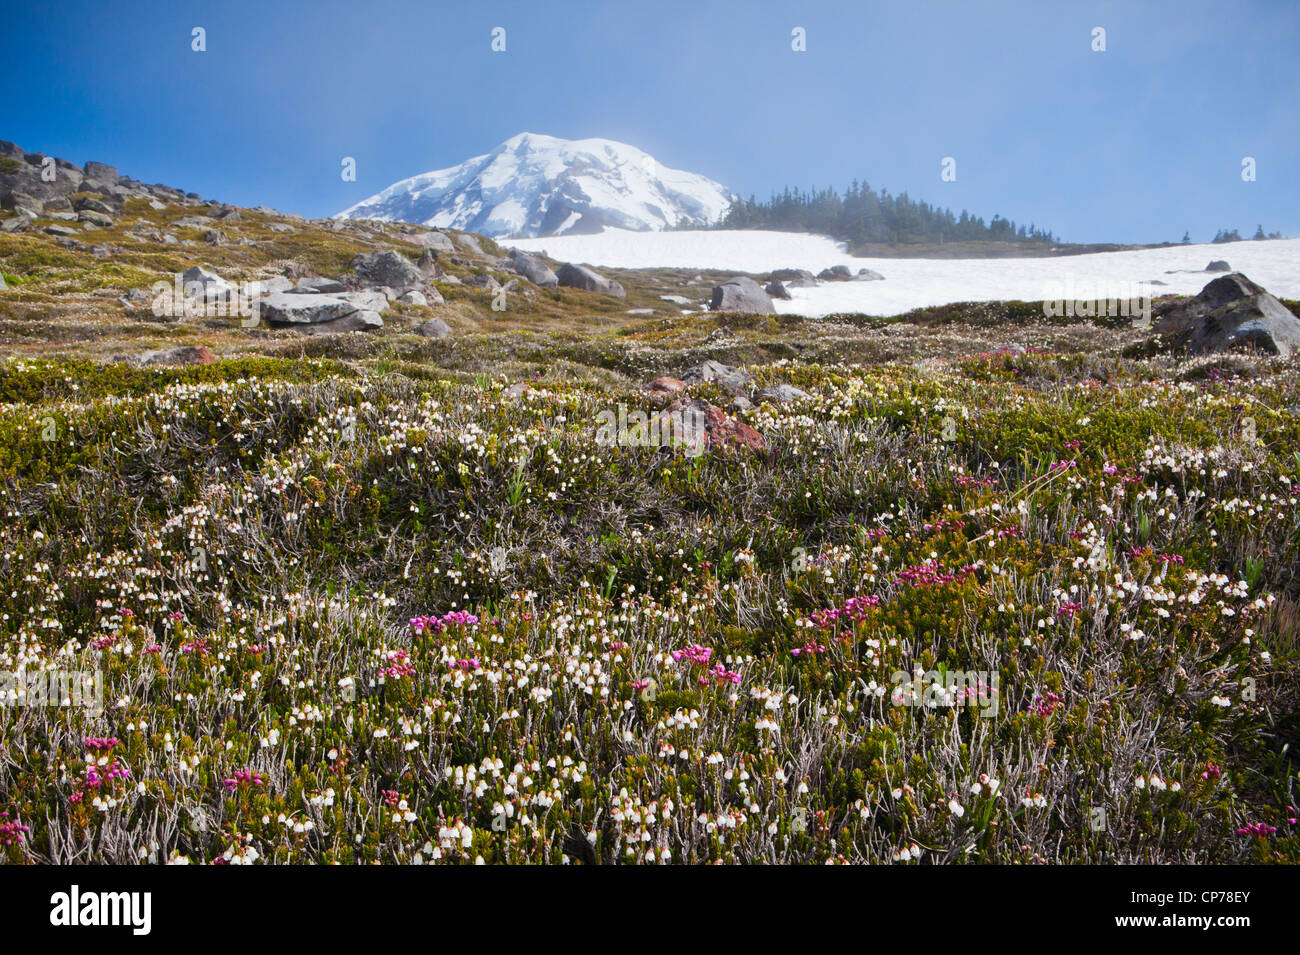 La sommità del monte Rainier peaking fino al di sopra del parco a spruzzo in Mount Ranier National Park, Washington, Immagini Stock